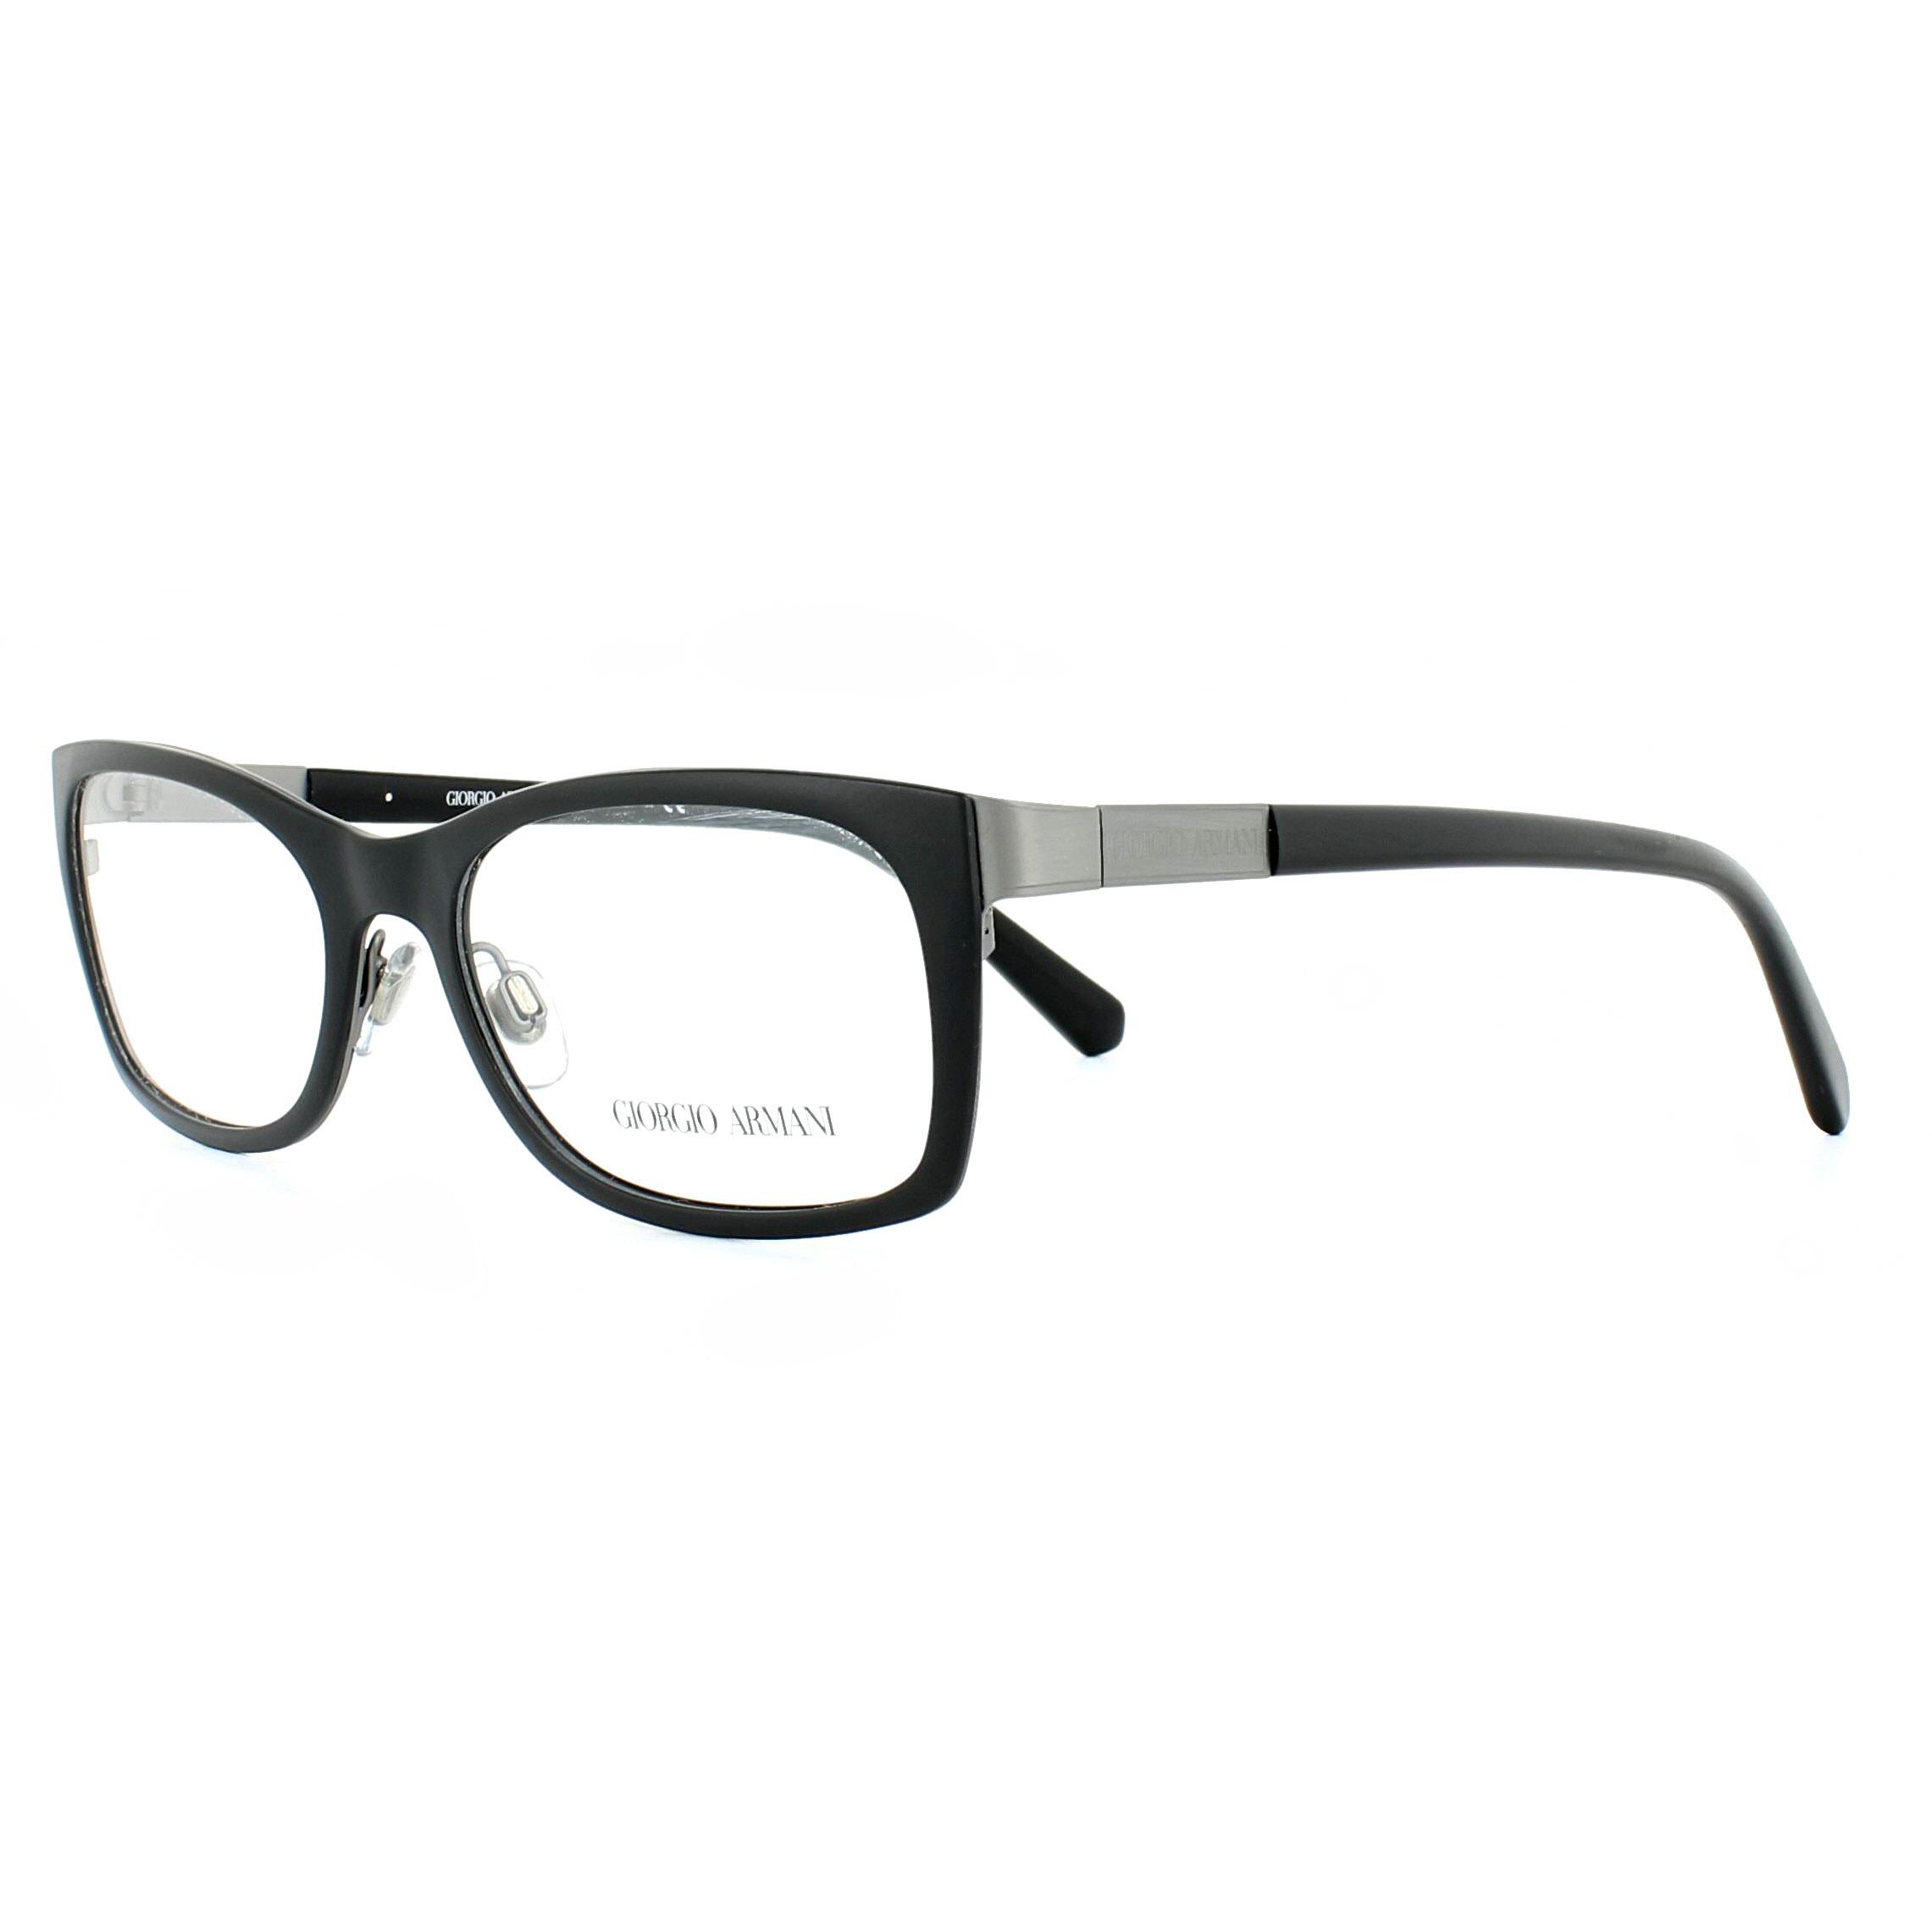 c9e237da96e Sentinel Giorgio Armani Glasses Frames AR5013 3003 Matte Brushed Gunmetal  52mm Mens